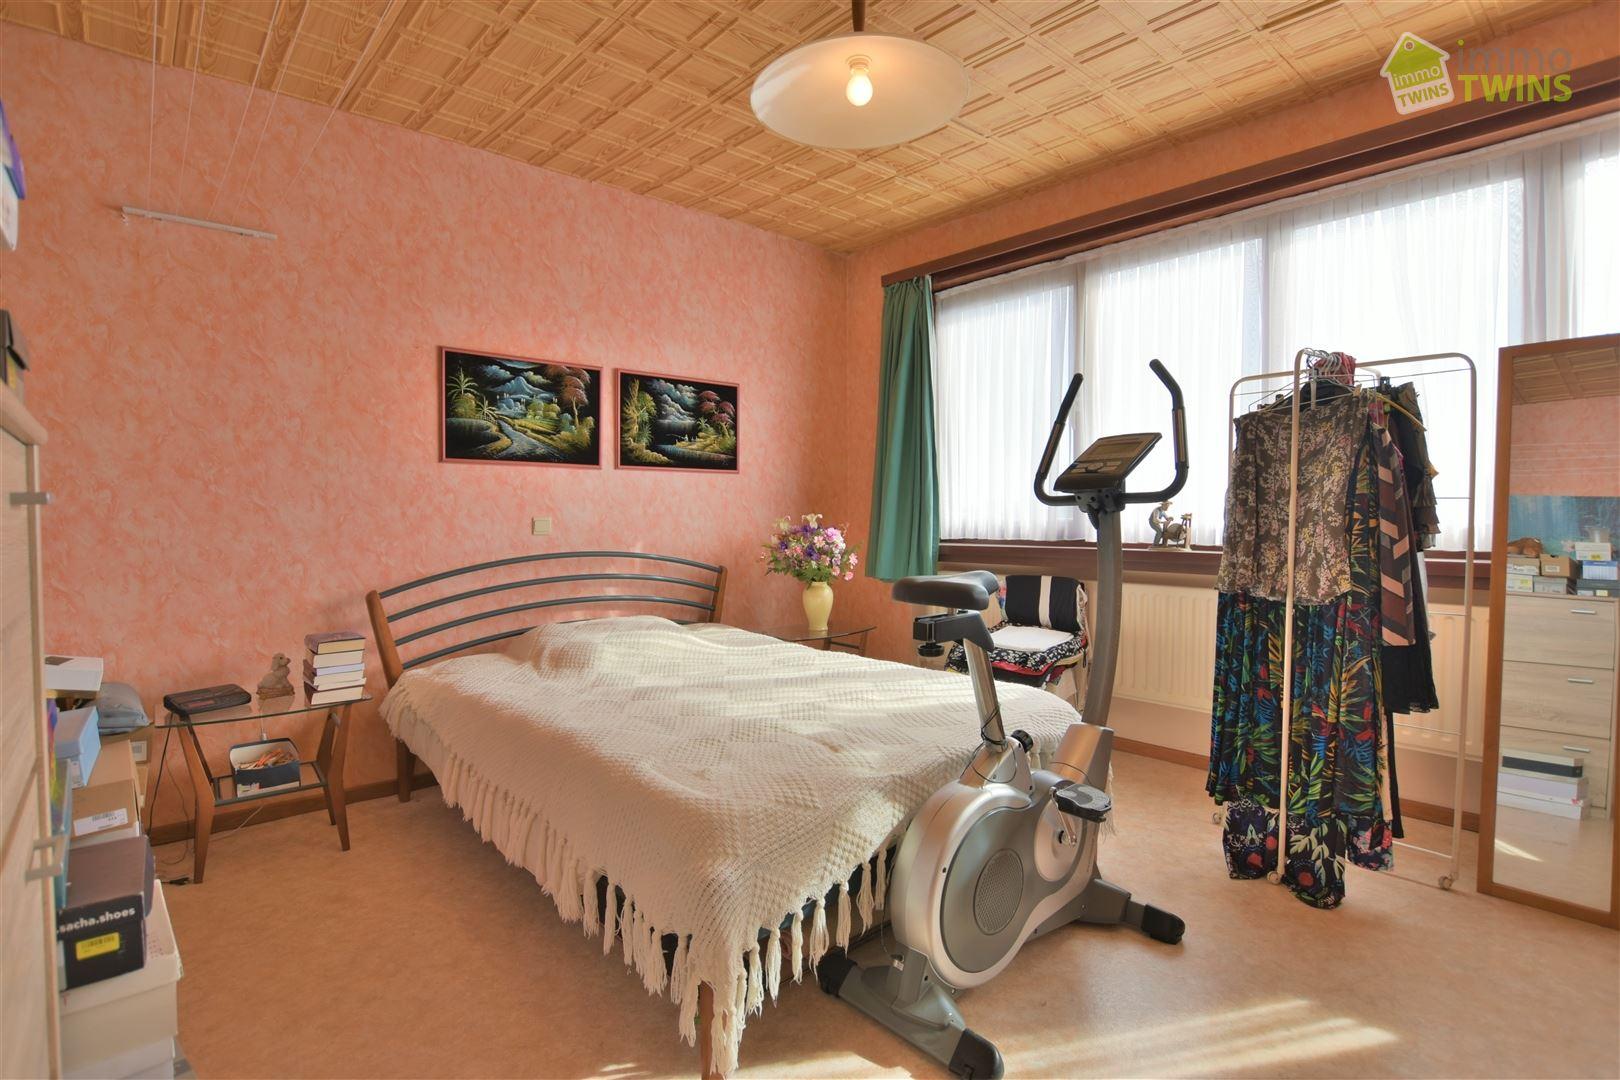 Foto 14 : Appartement te 9300 AALST (België) - Prijs € 224.000